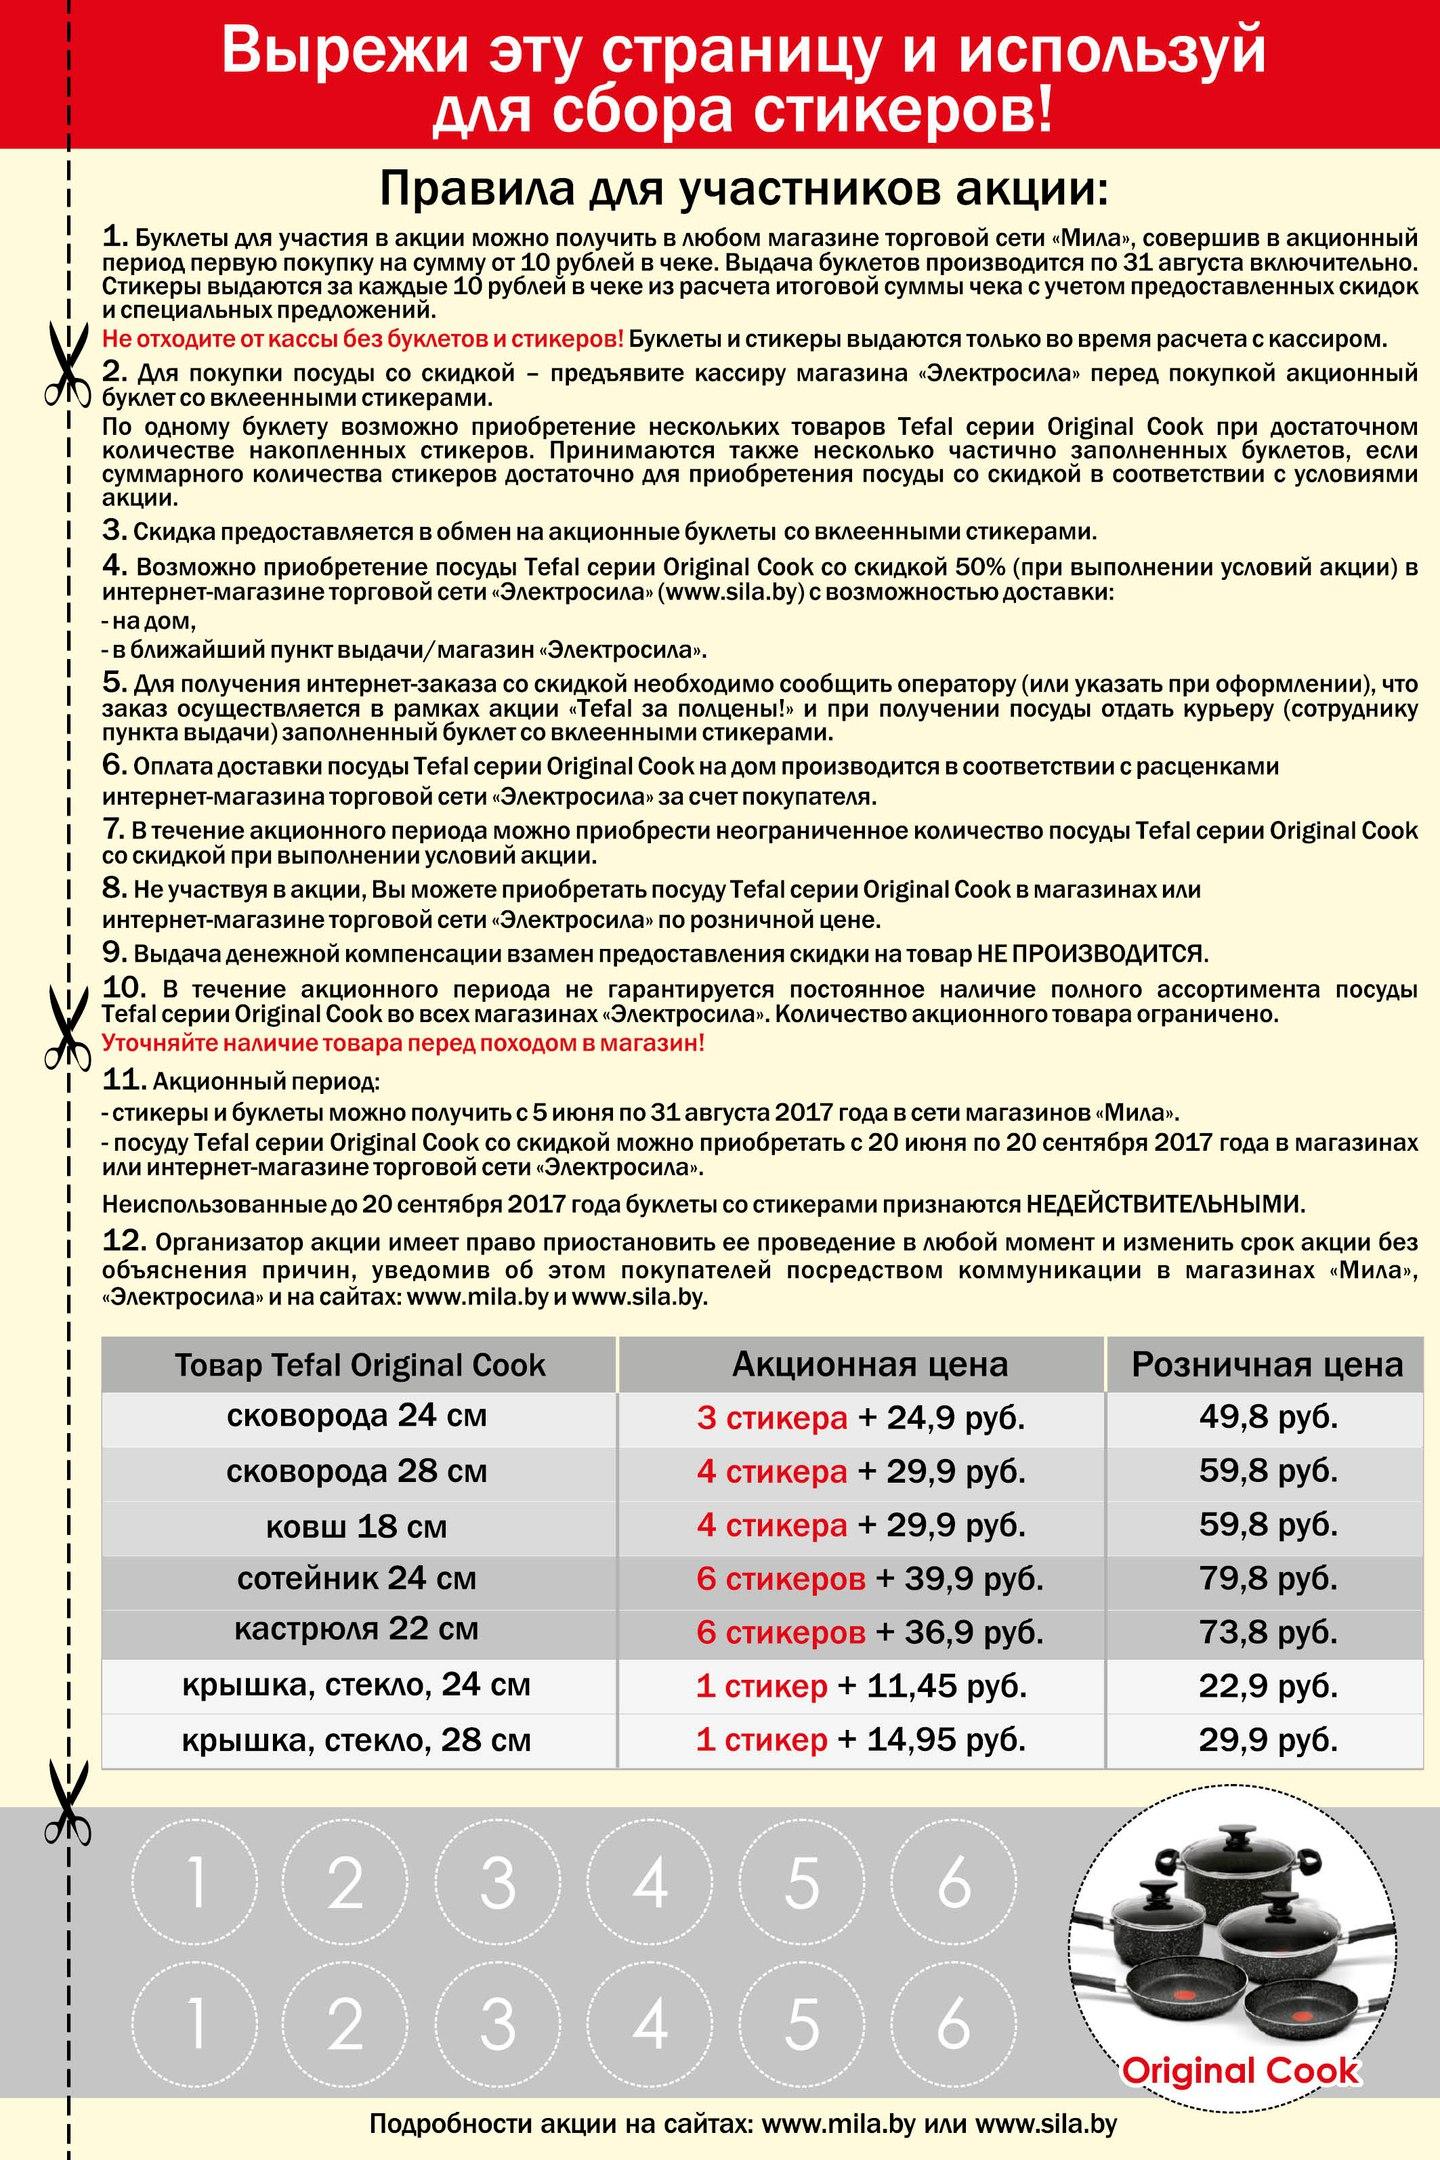 """С 16 по 30 июня новые 6 товаров в """"Миле"""" за ПОЛЦЕНЫ!"""